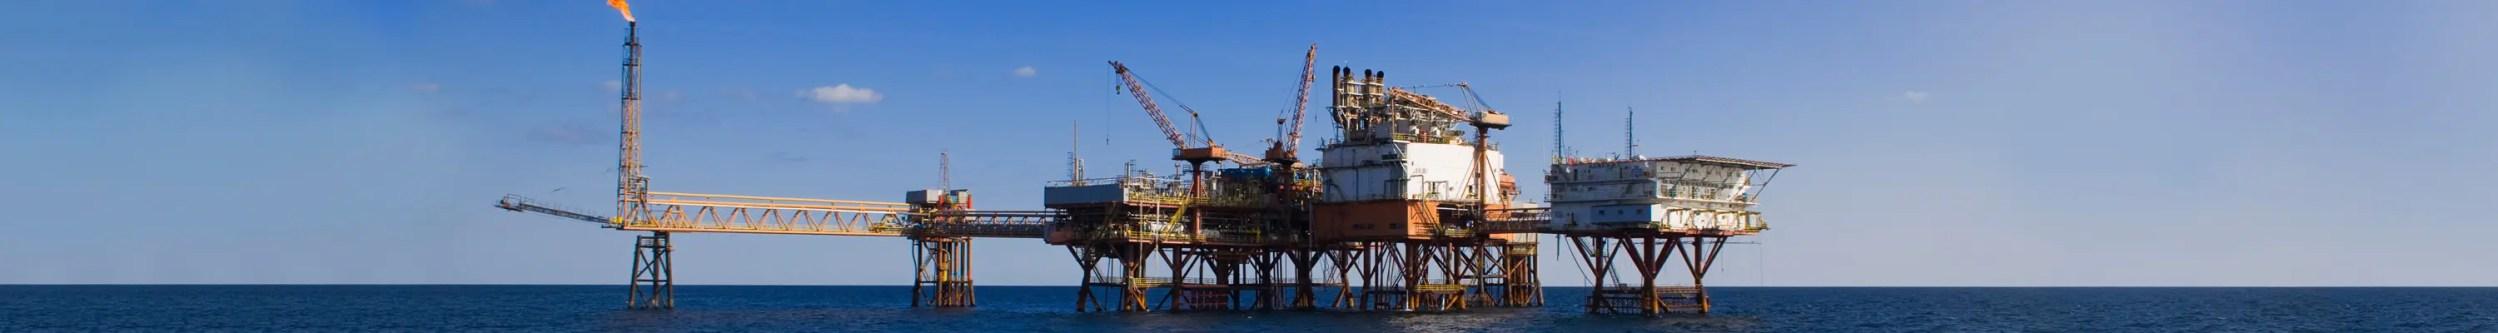 Anlagenbau für Öl- und Gas-Branche